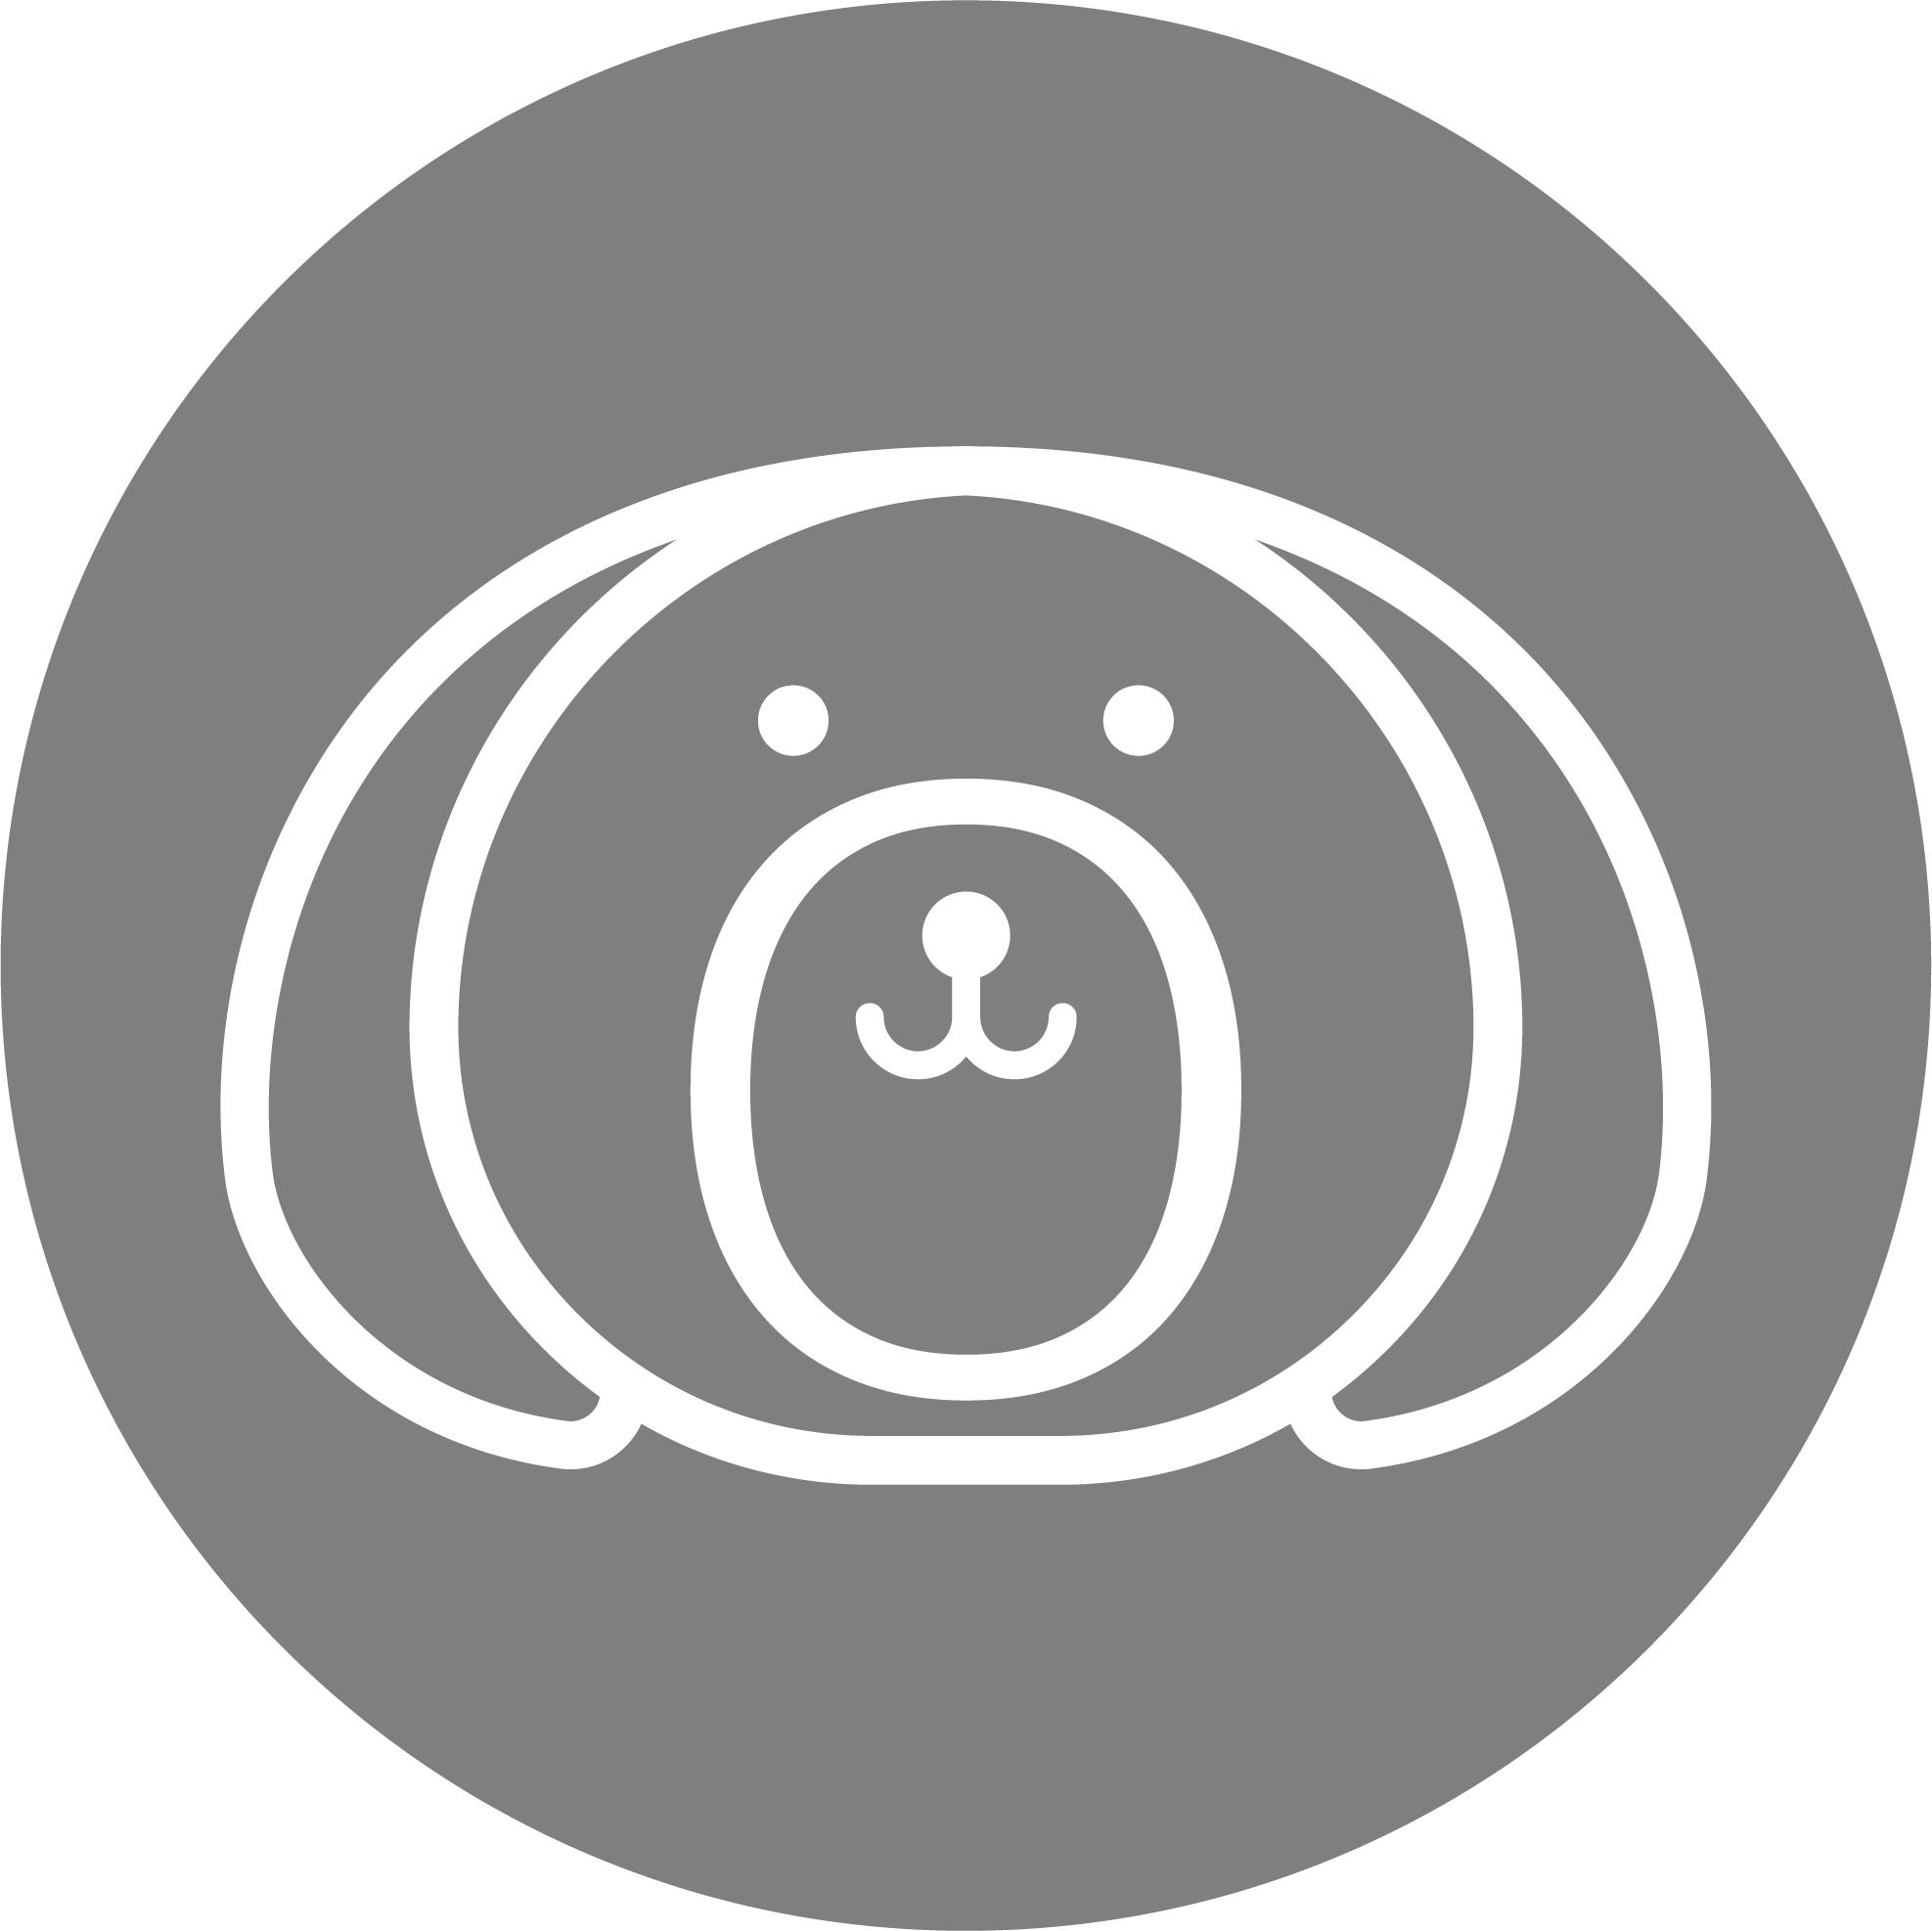 Bob & Lulu - Brandmark - Sticker - White - Grey.jpg